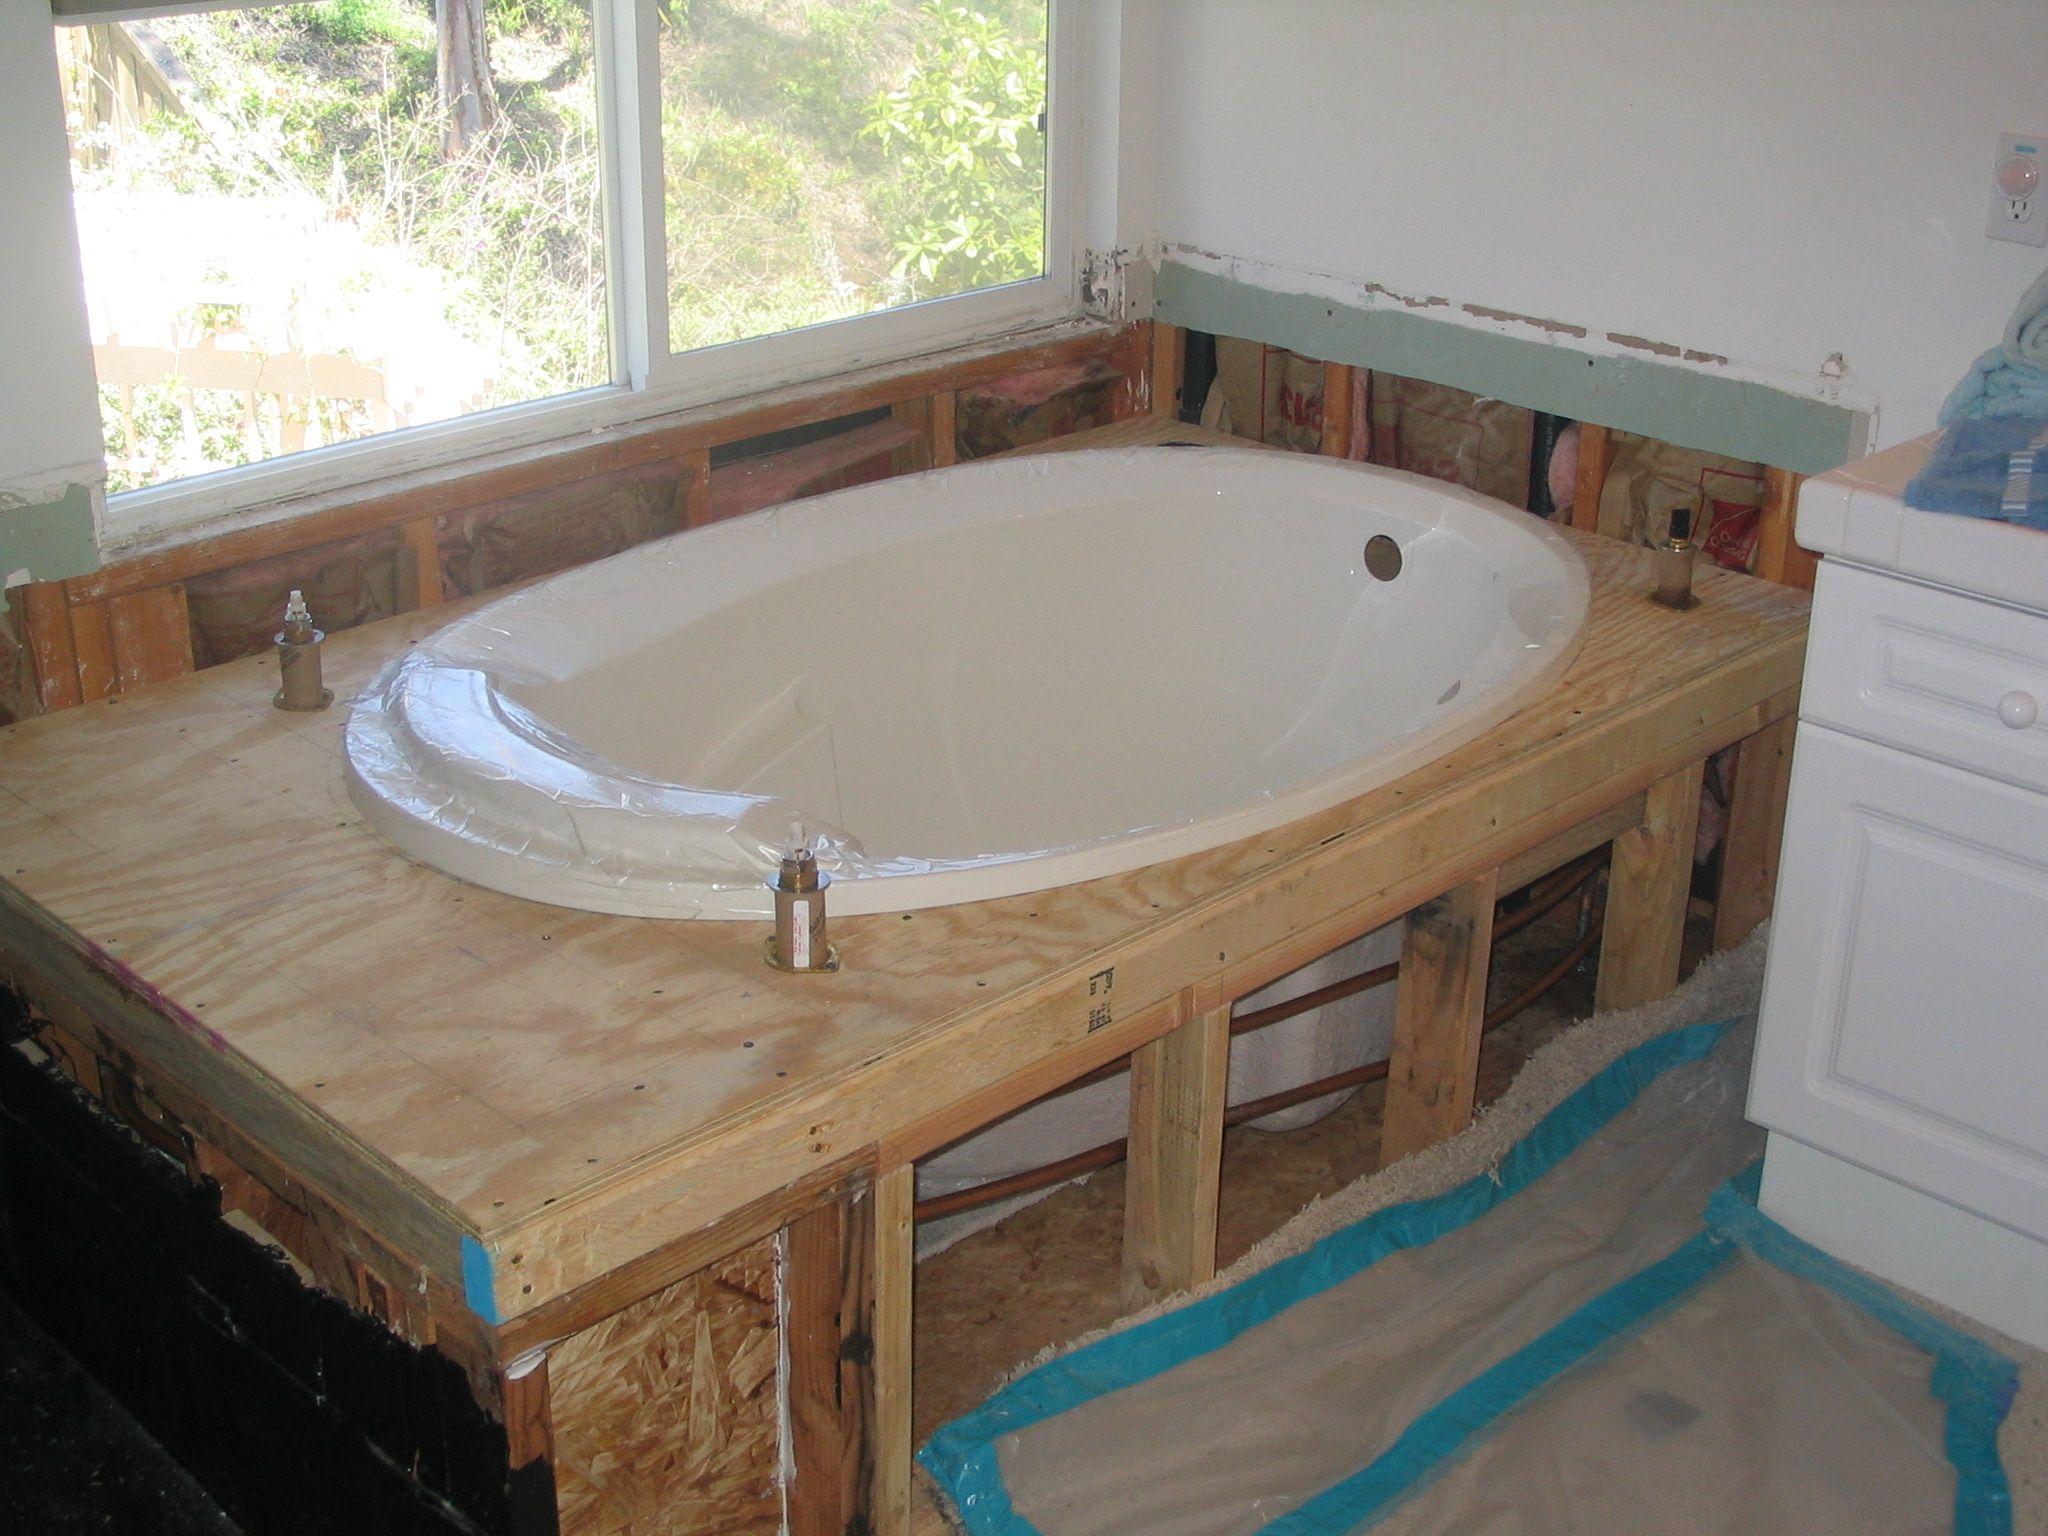 Fitting a Bath  How to Install a New Bathtub ...